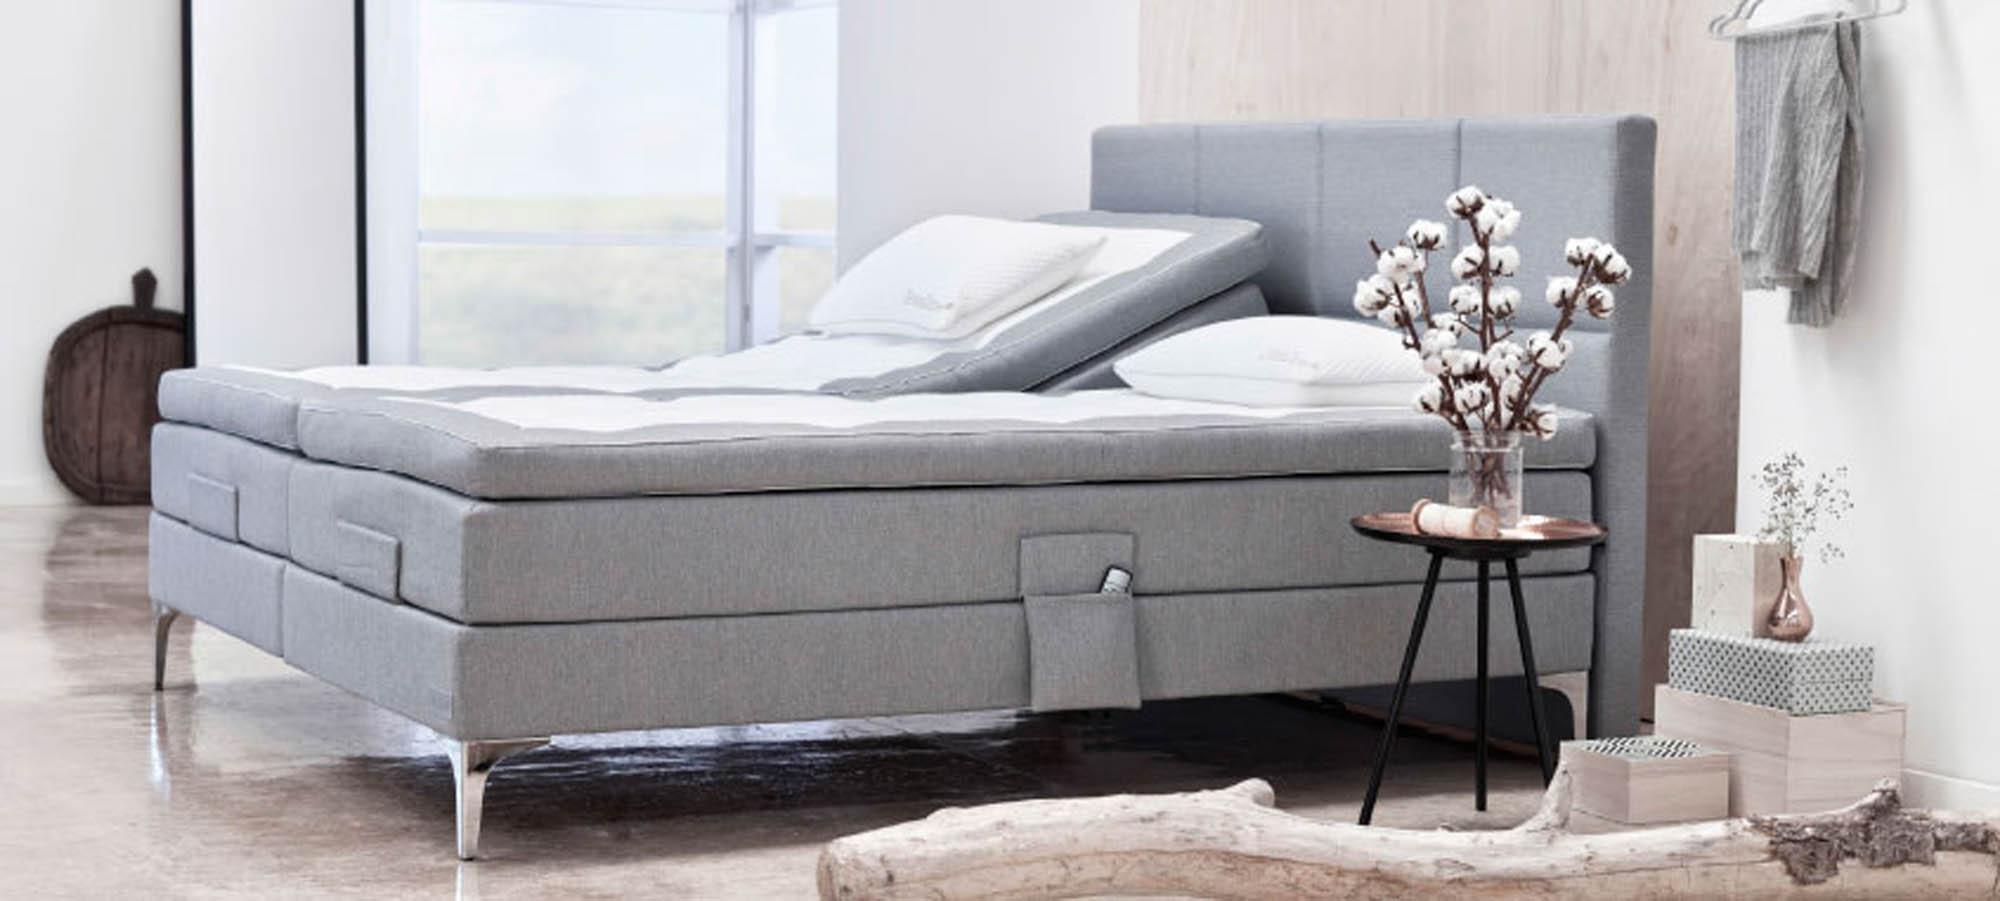 senge aalborg Gode råd til indretning af dit soveværelse – Min by Aalborg senge aalborg